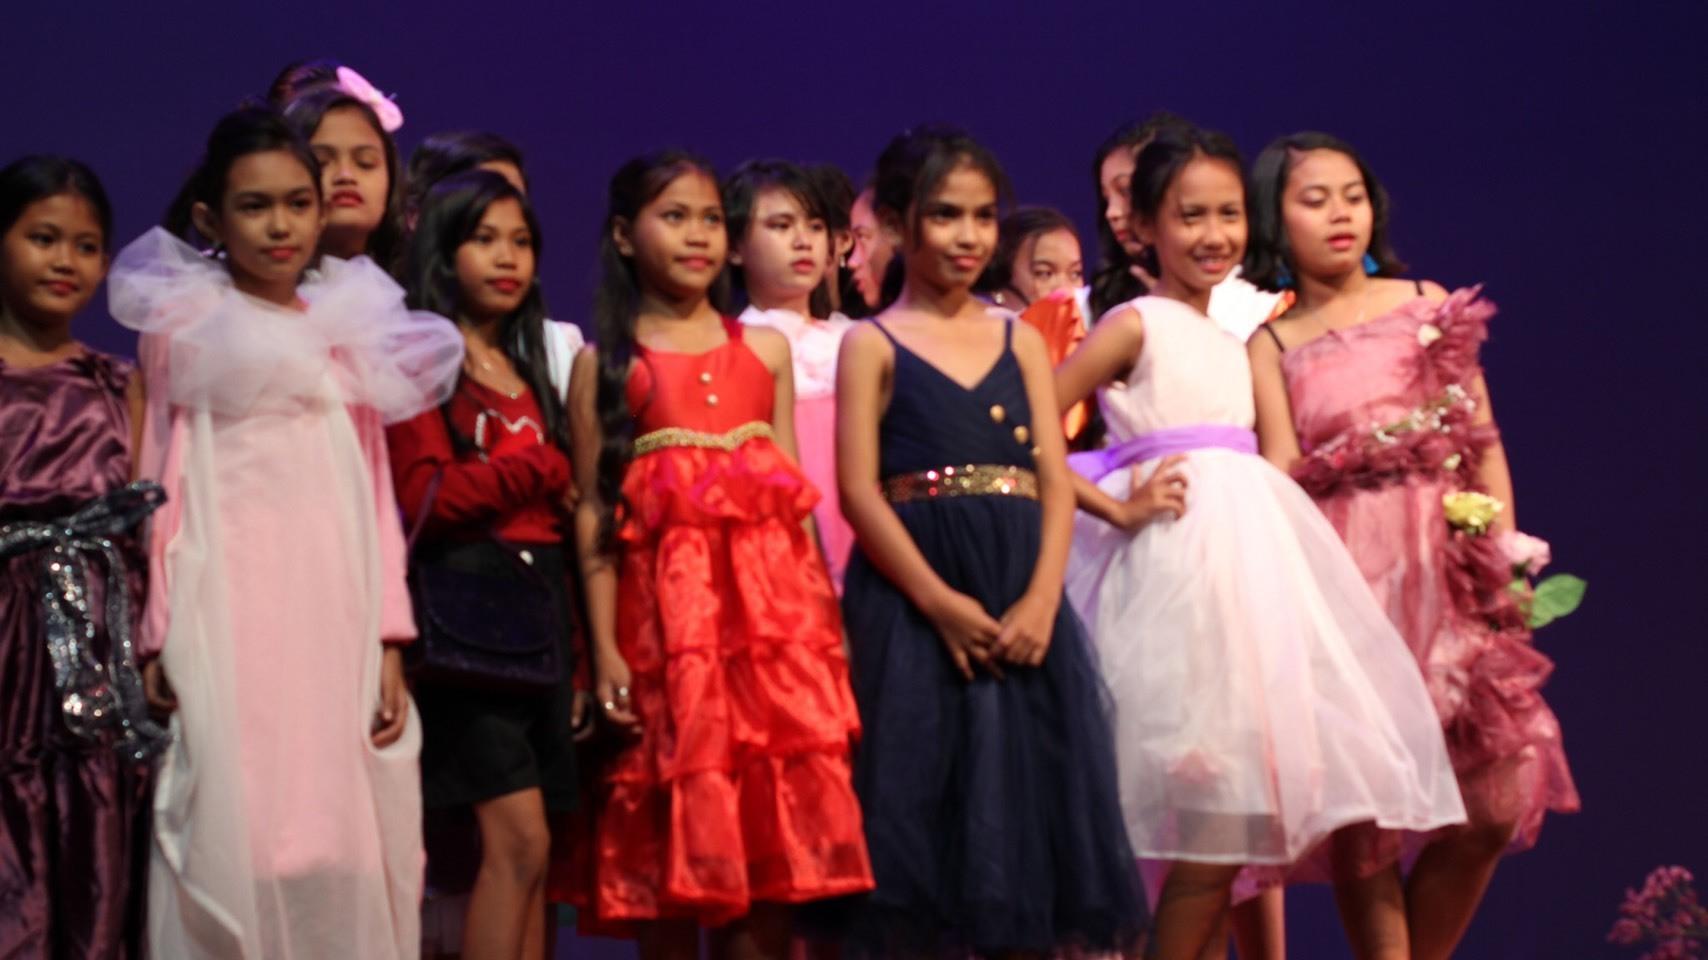 西側さんのDEAR MEが主催するファッションショーでドレスを着て並ぶ女の子達